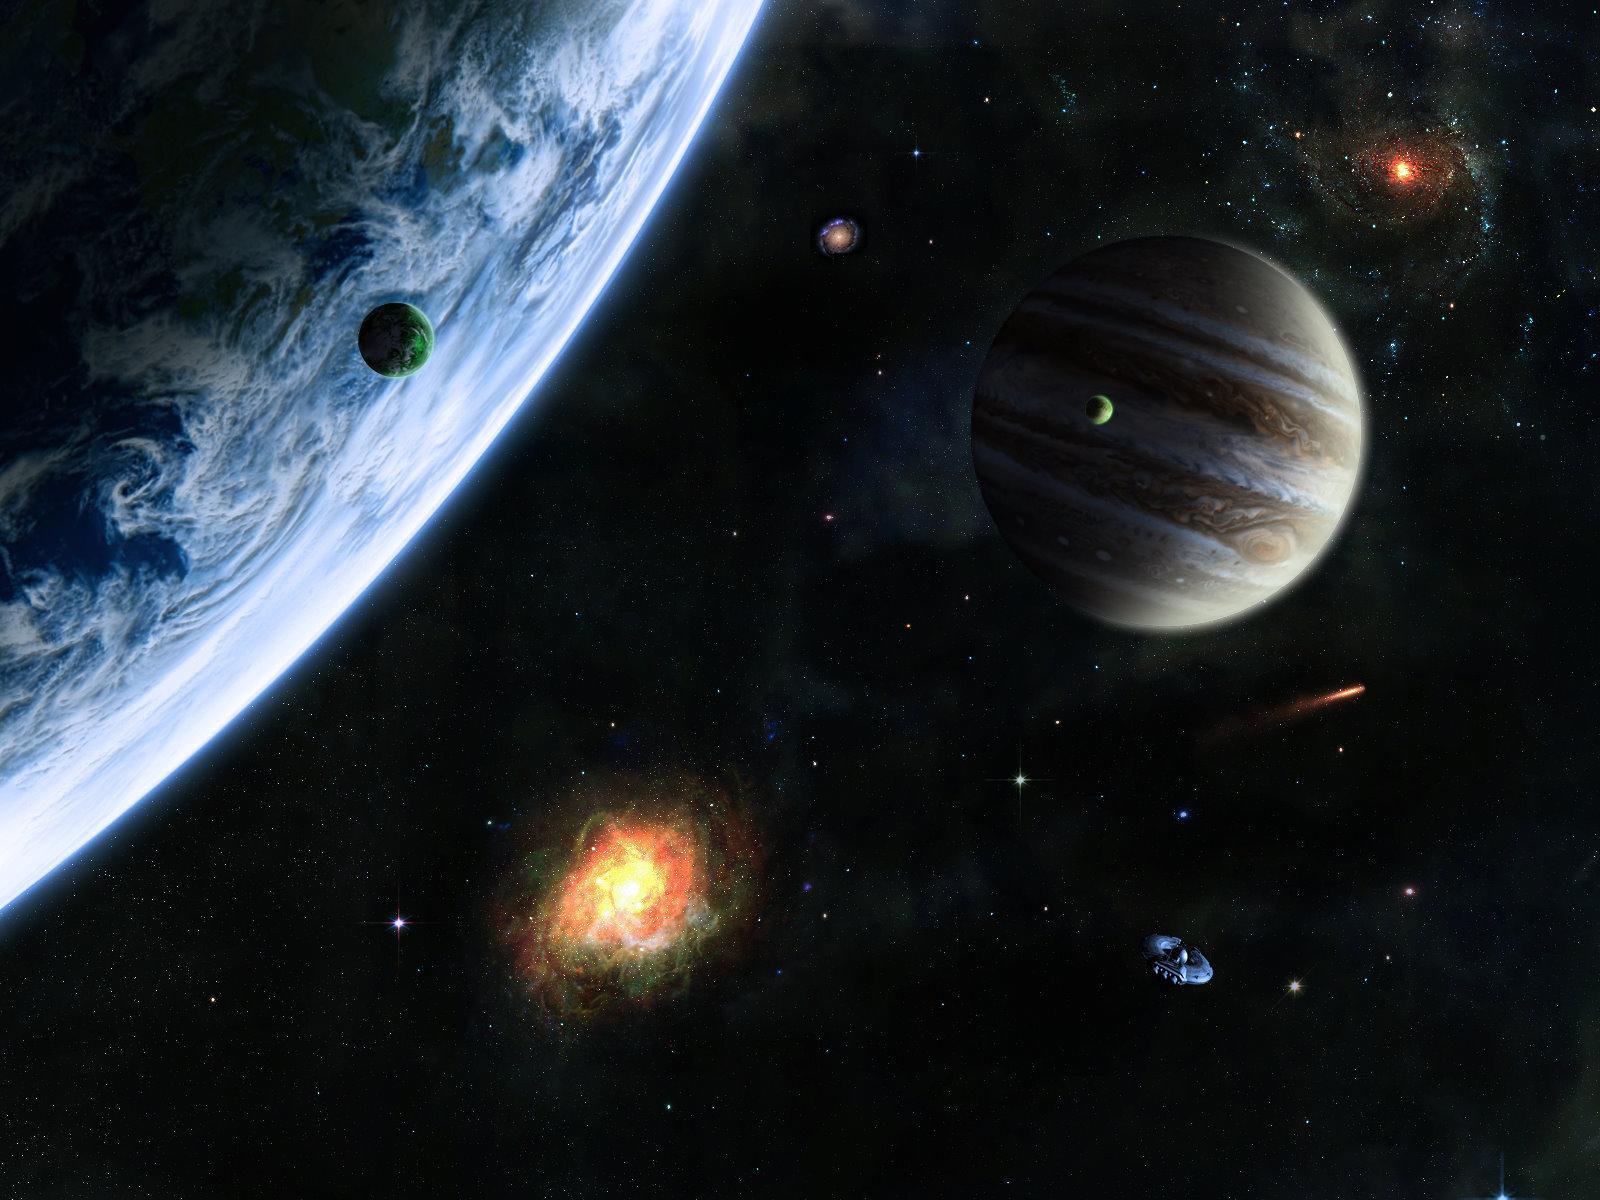 كورسات مجانية في علوم الفضاء والكون